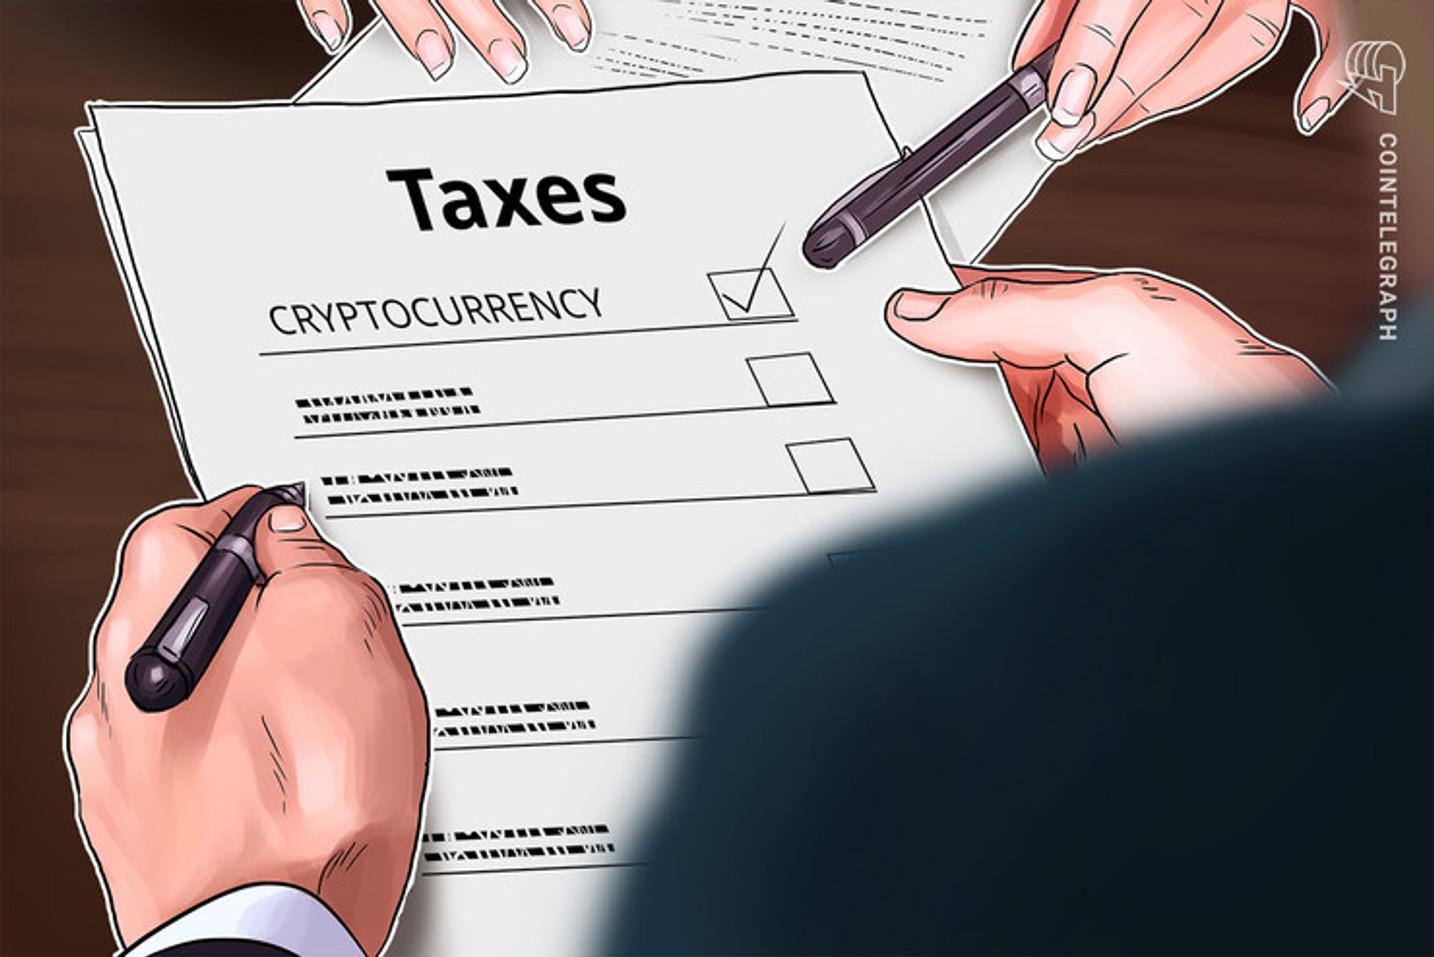 Cataluña: Anunciaron medidas contra el fraude fiscal que suponen mayor control sobre operaciones con criptomonedas